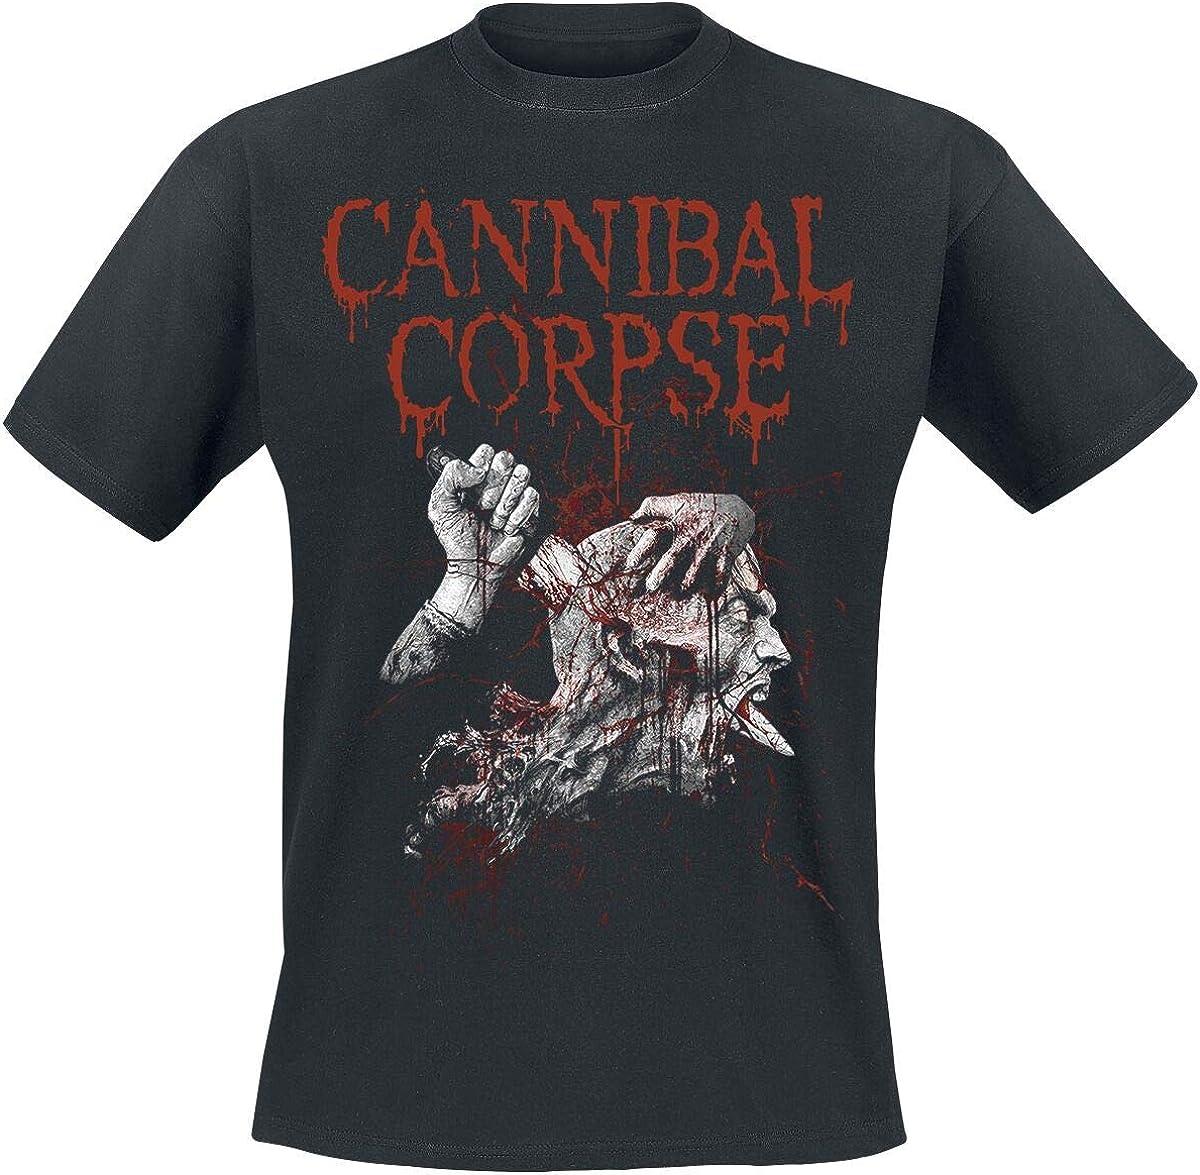 Noir Official Cannibal Corpse Stabhead T Shirt